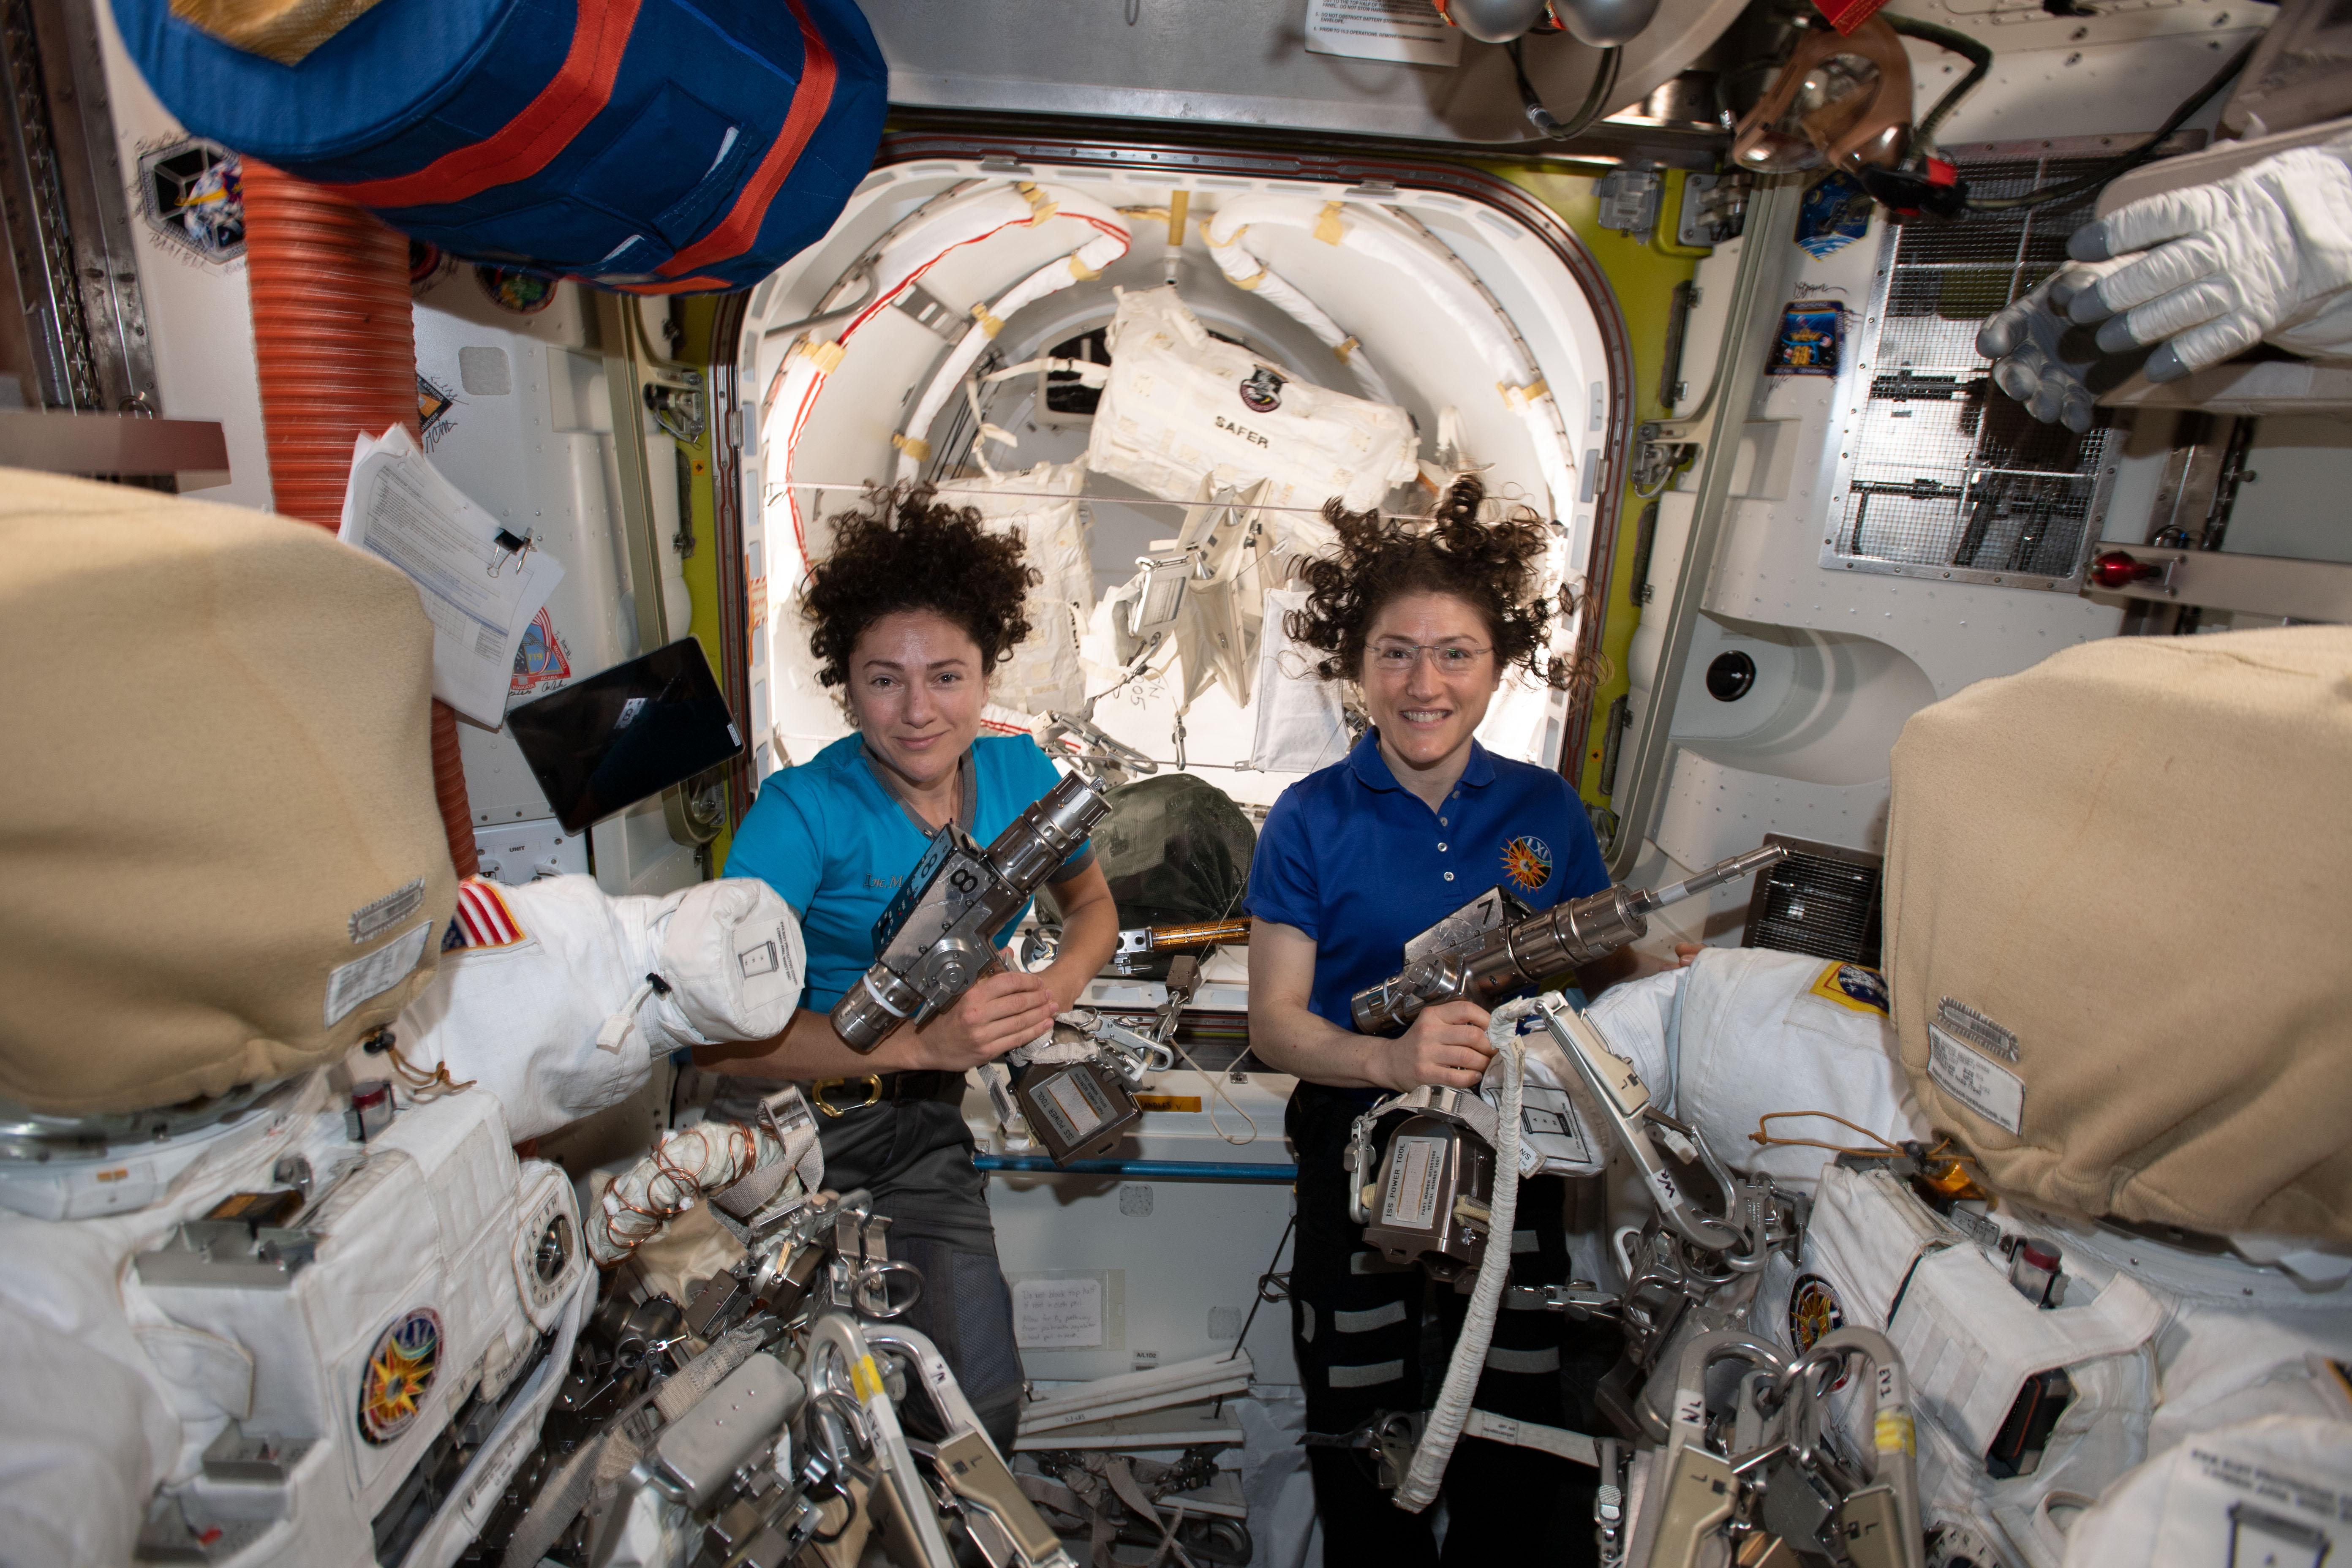 Les astronautes de la NASA Jessica Meir et Christina Koch vus sur la Station spatiale internationale.